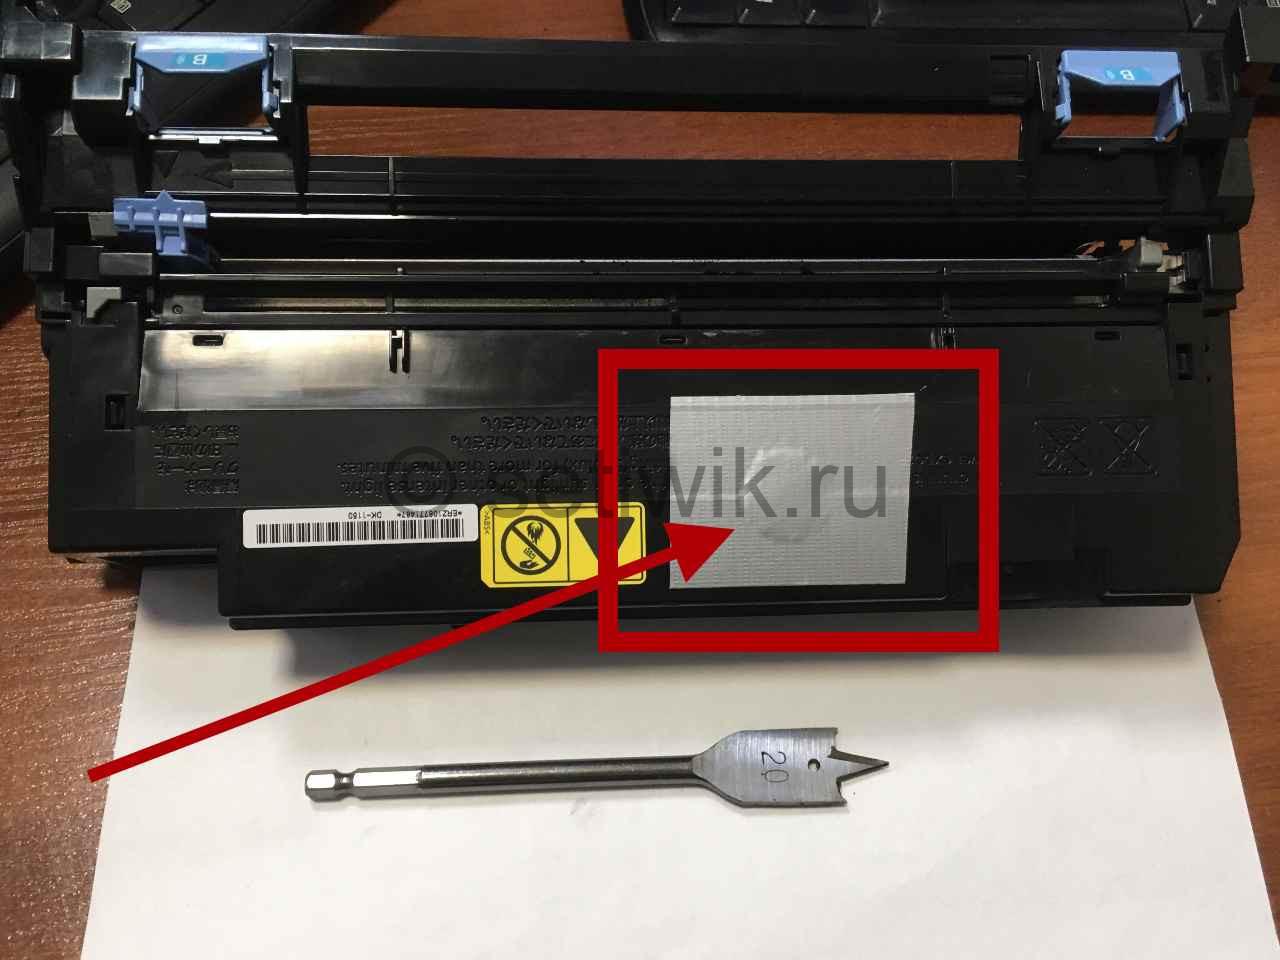 заклеенное отверстие для удаления отработанного тонера МФУ Kyocera